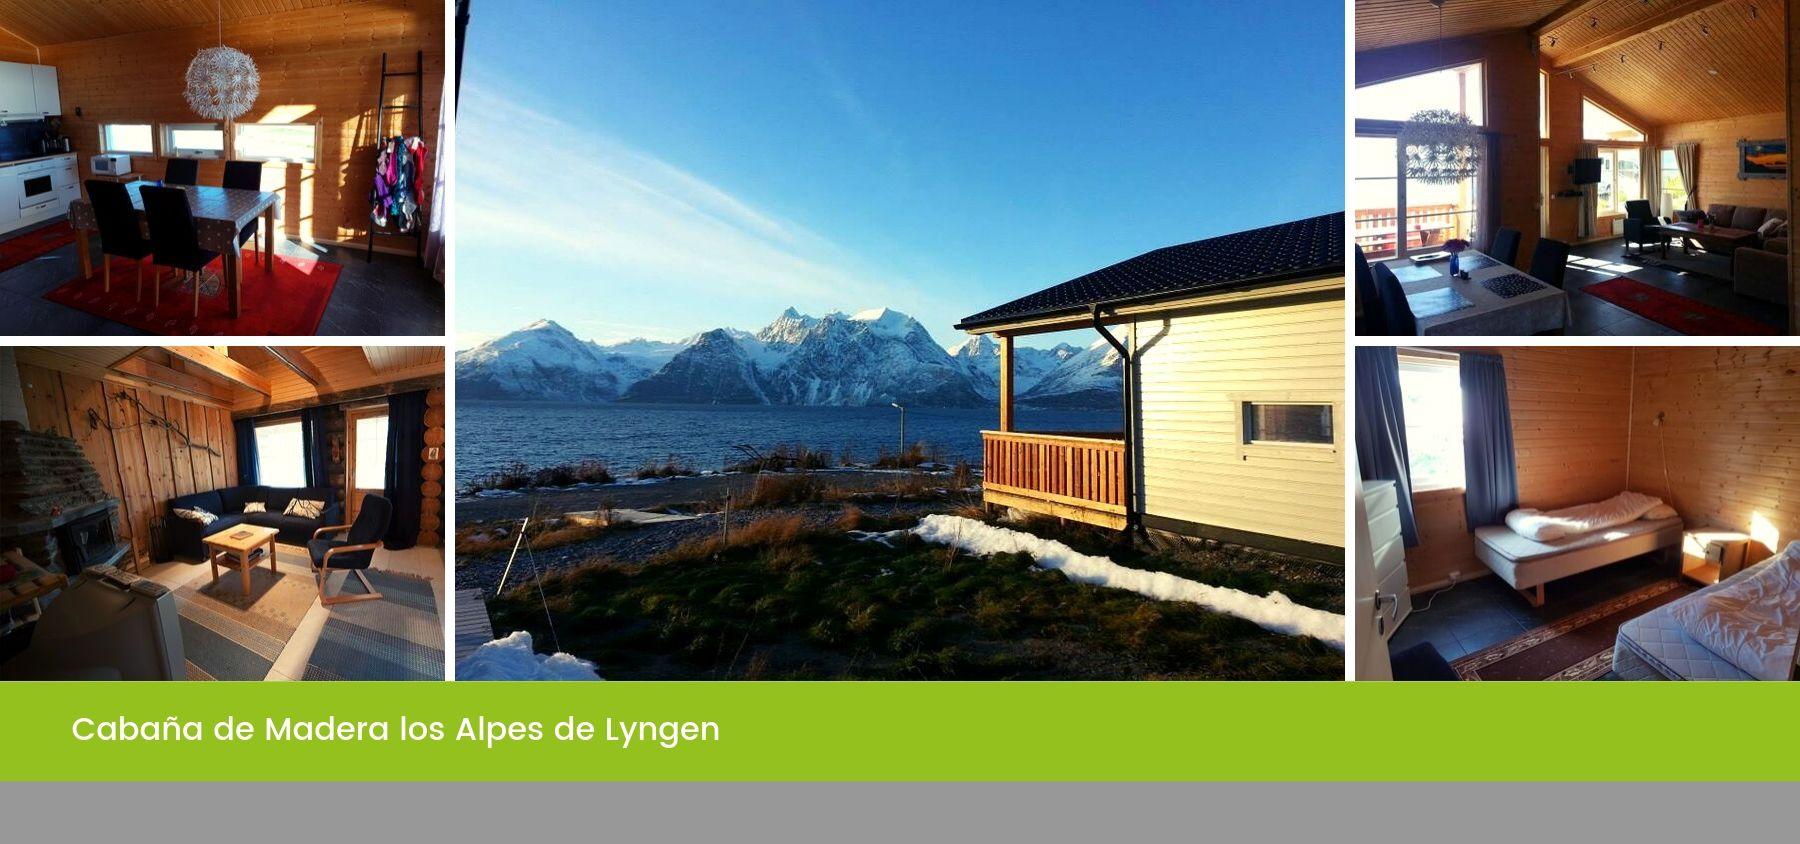 Cabaña de Madera los Alpes de Lyngen, Tromso, Noruega